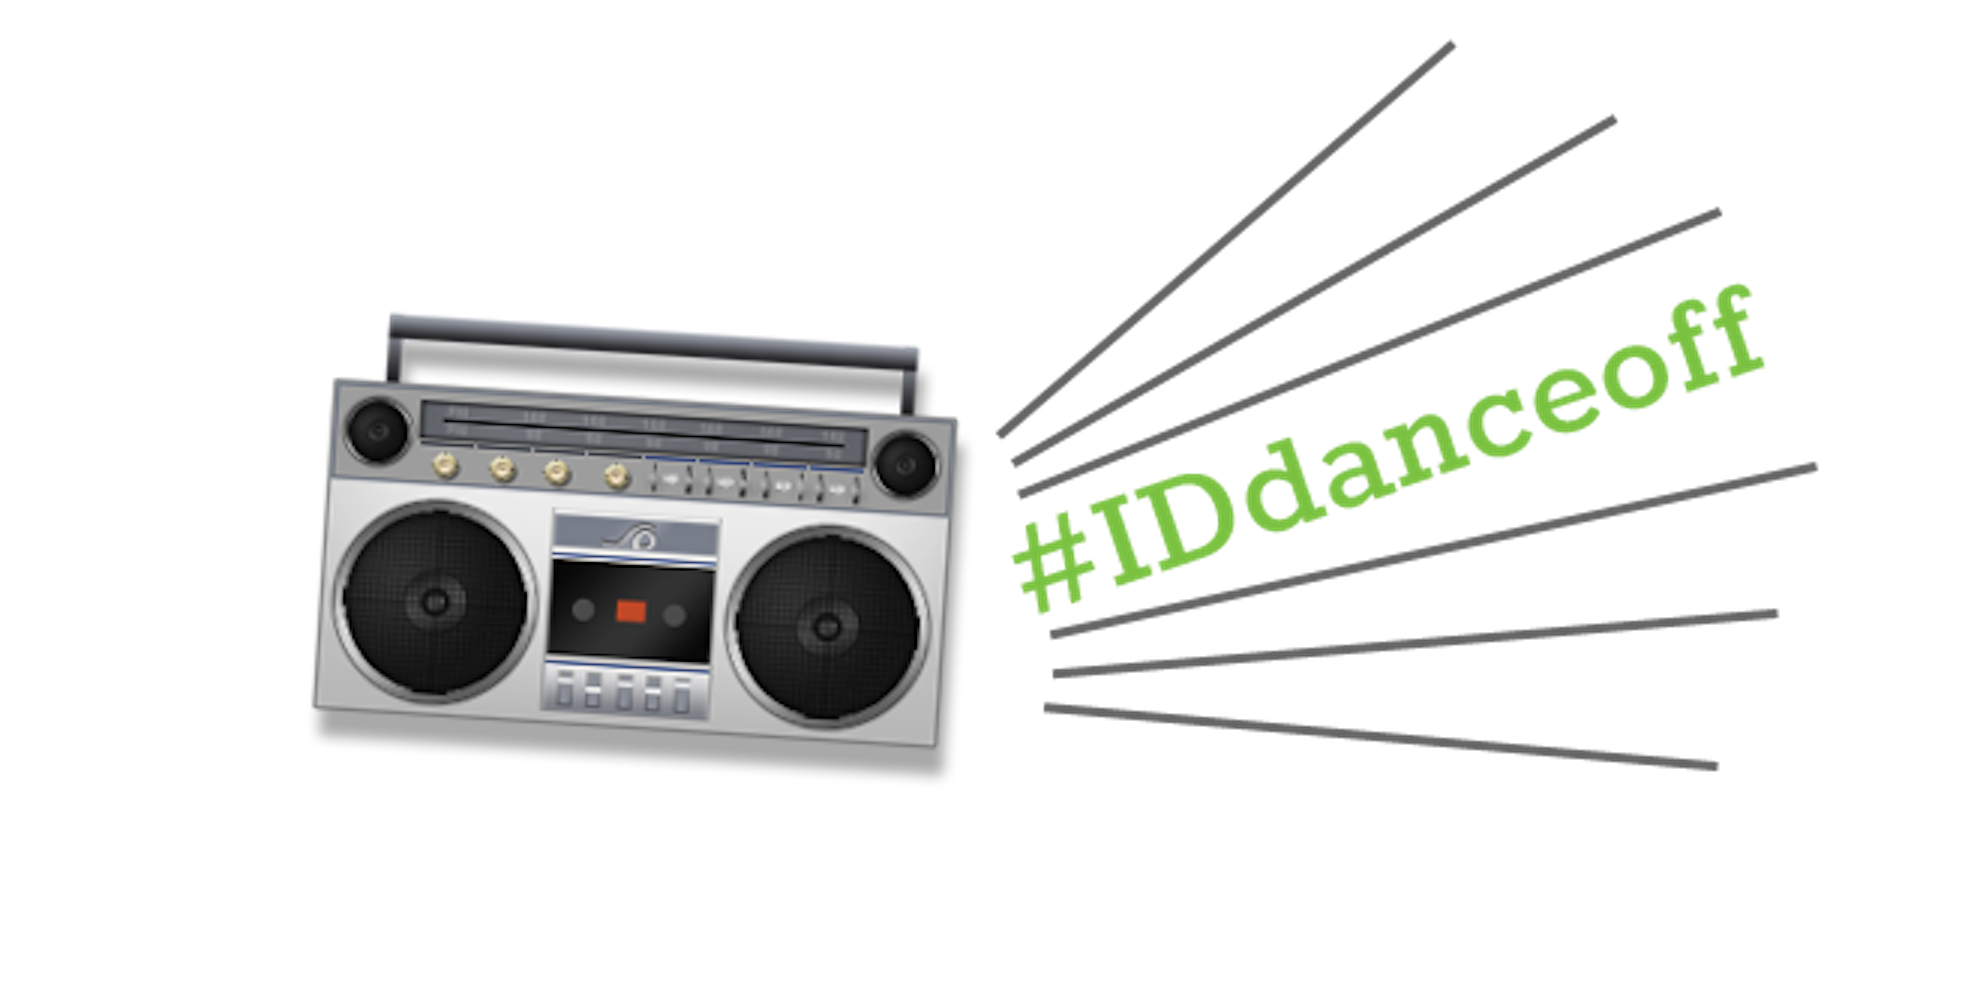 IDdanceoff